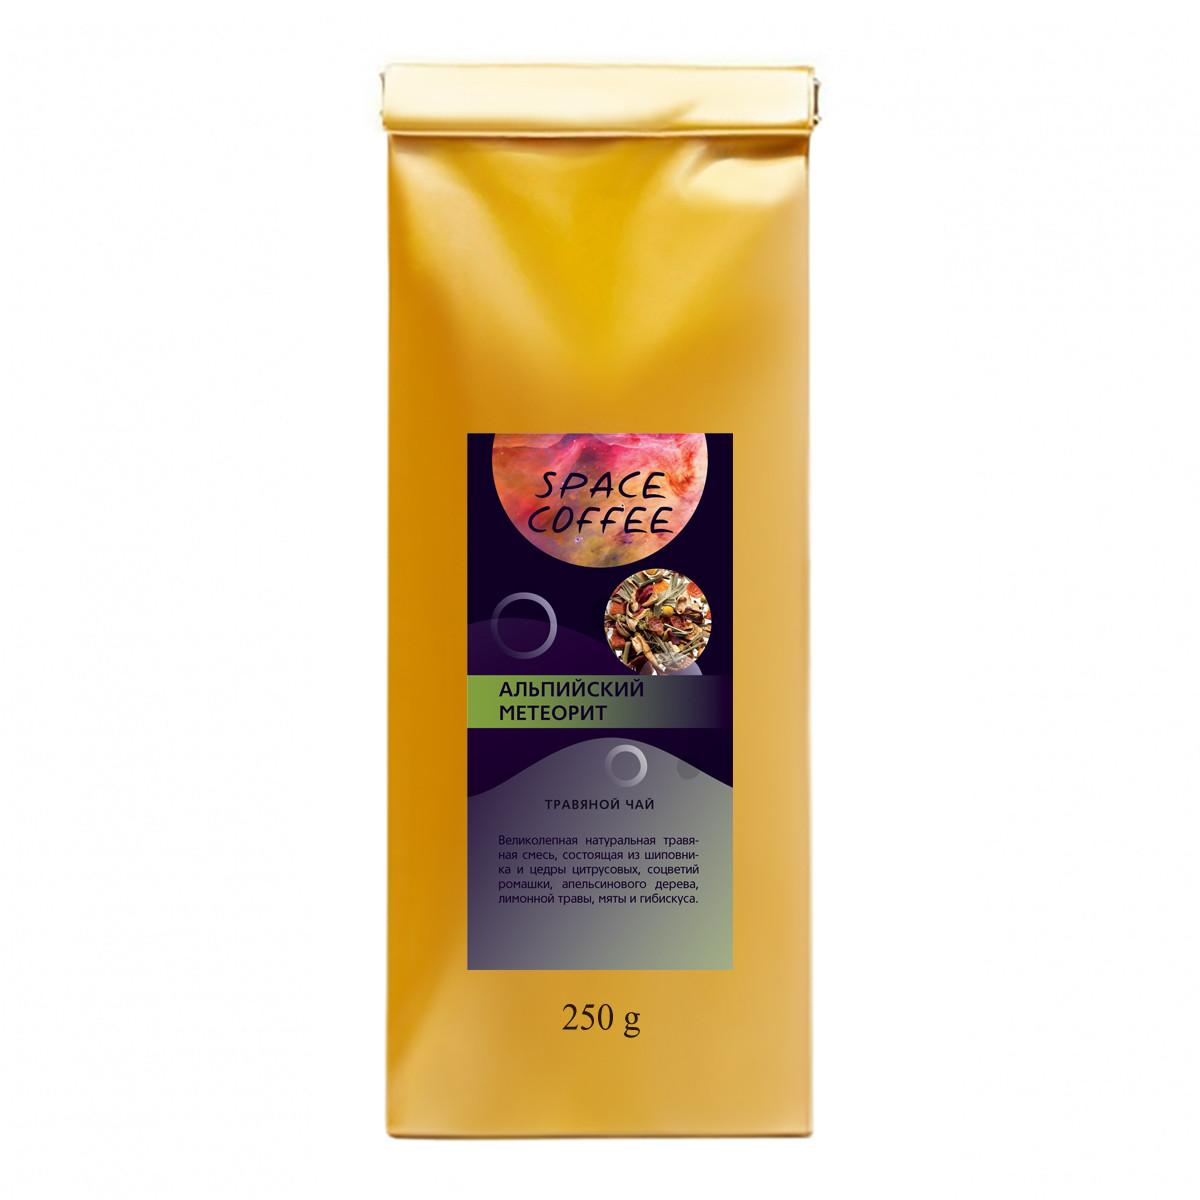 Трав'яний чай з шипшиною, м'ятою, ромашкою, цедрою цитрусових Альпійський метеорит Space Coffee 250 грам